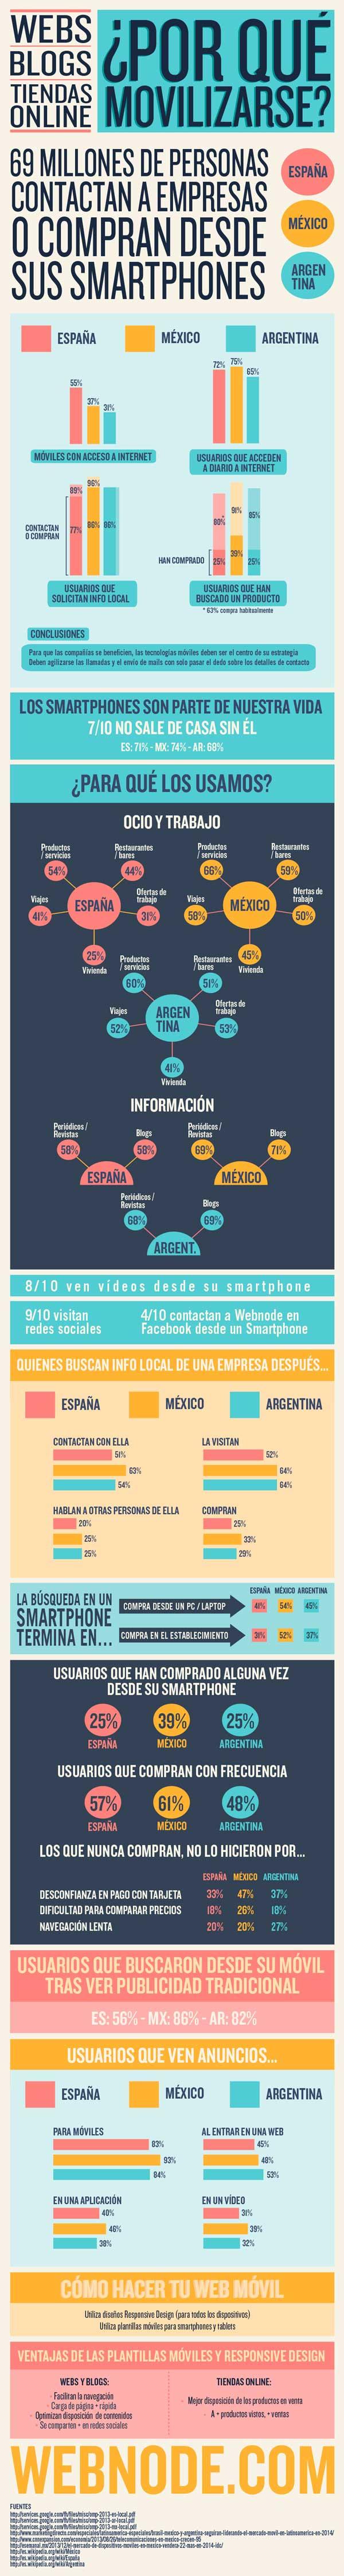 infografía webnode